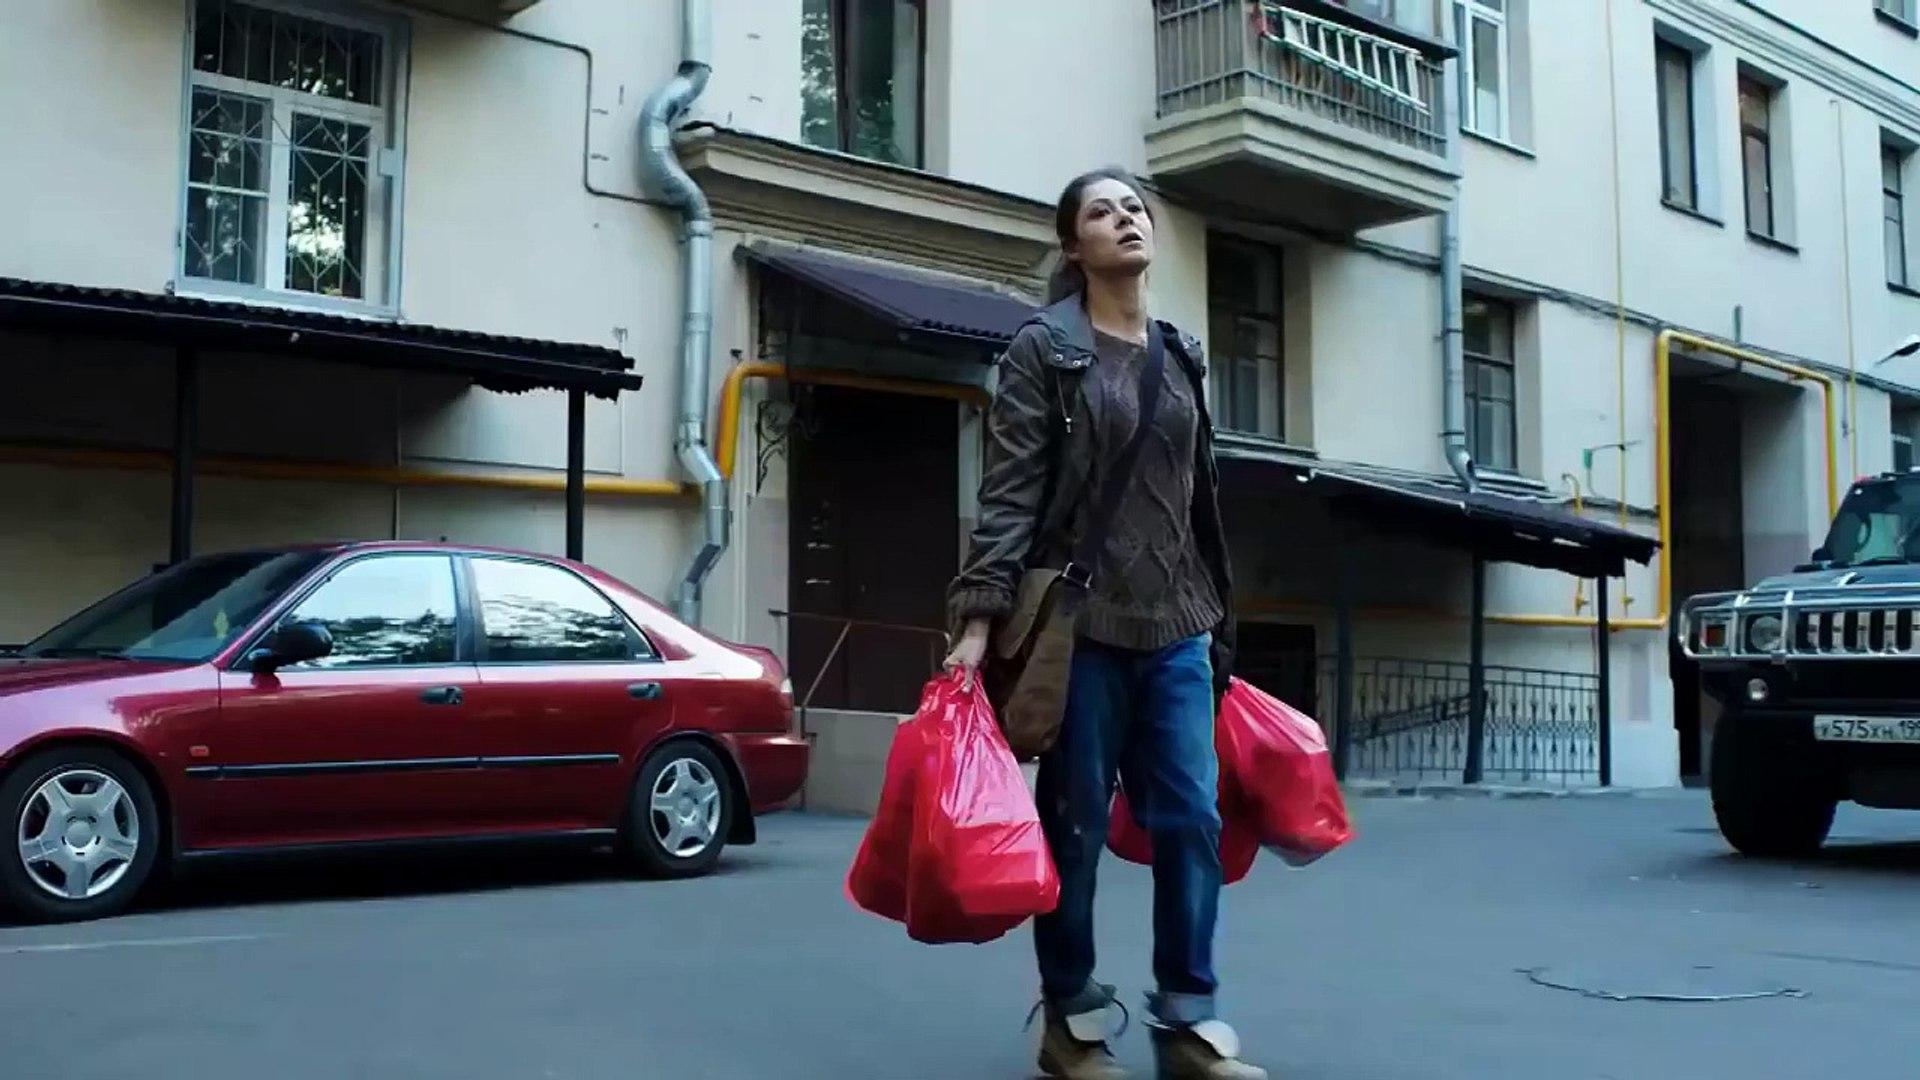 Измены (1 сезон) | Трейлер (2015) Новый русский сериал! На ТНТ